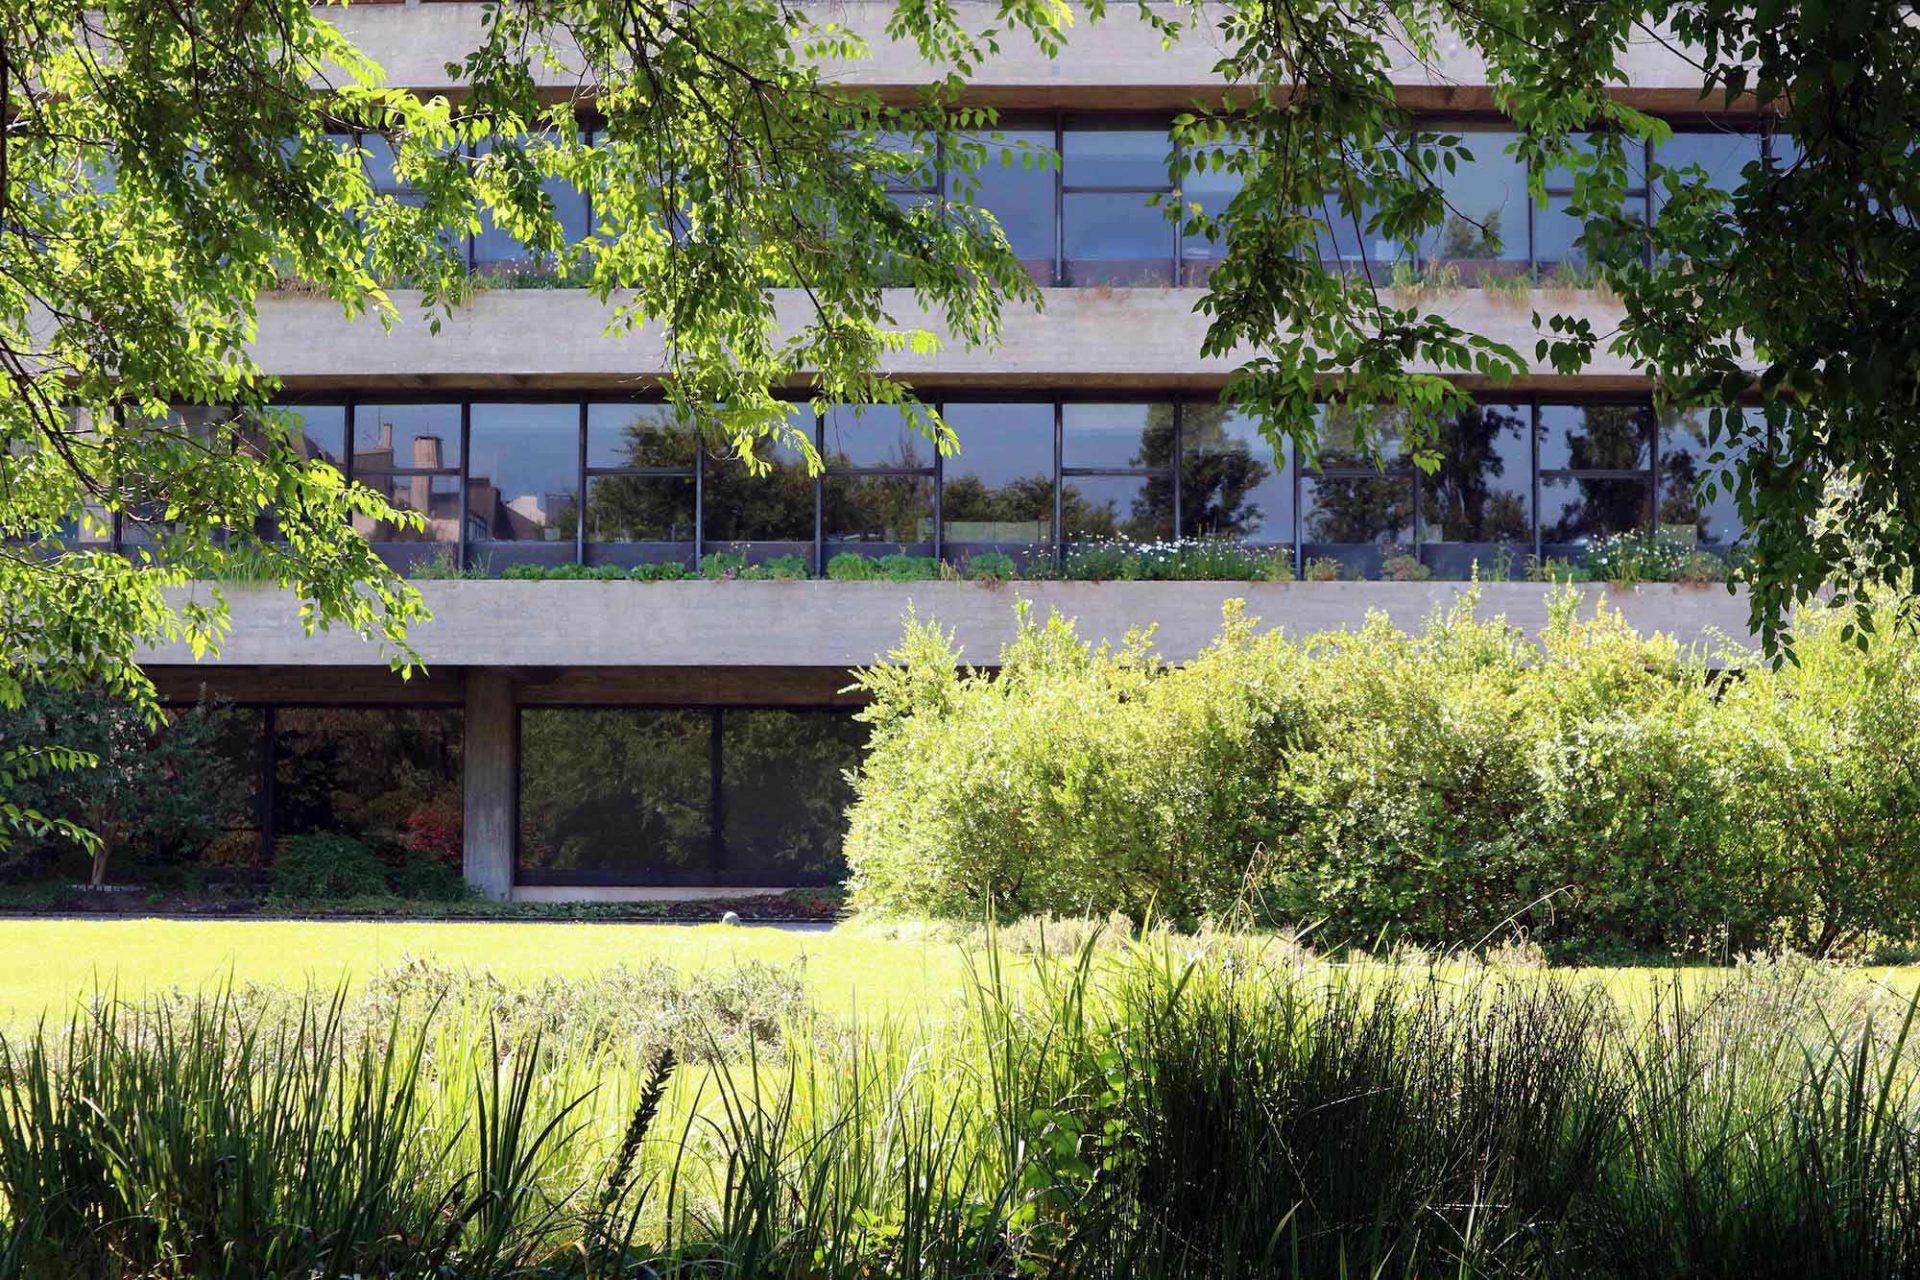 Der Stiftungssitz. Die modulare Wiederholung, das strenge Design und die harte Materialwahl aus Glas und Beton stehen dabei einerseits im starken Kontrast zur Natur.